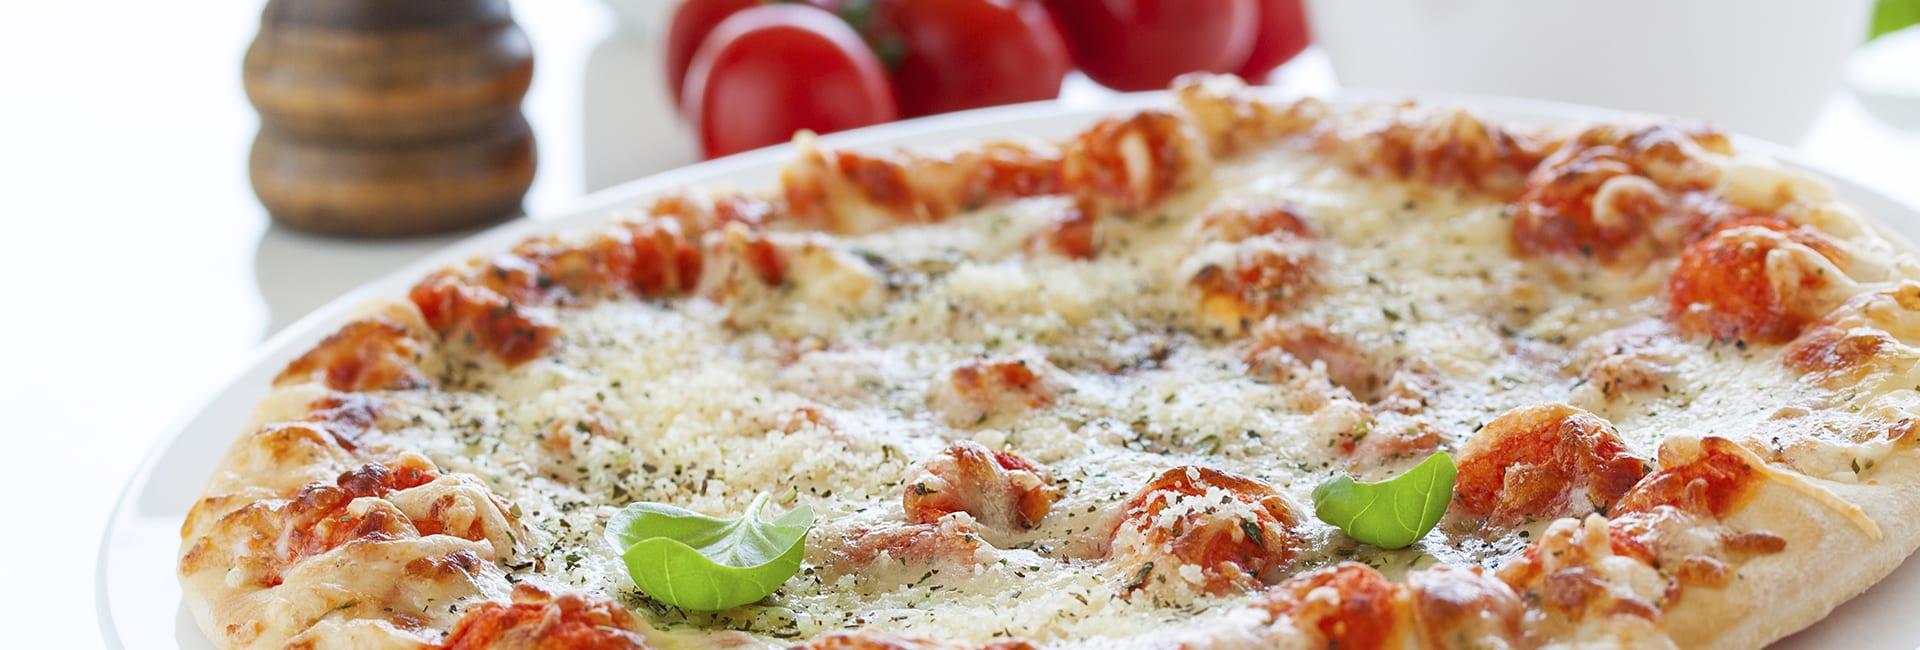 Pizza casera con loncheados